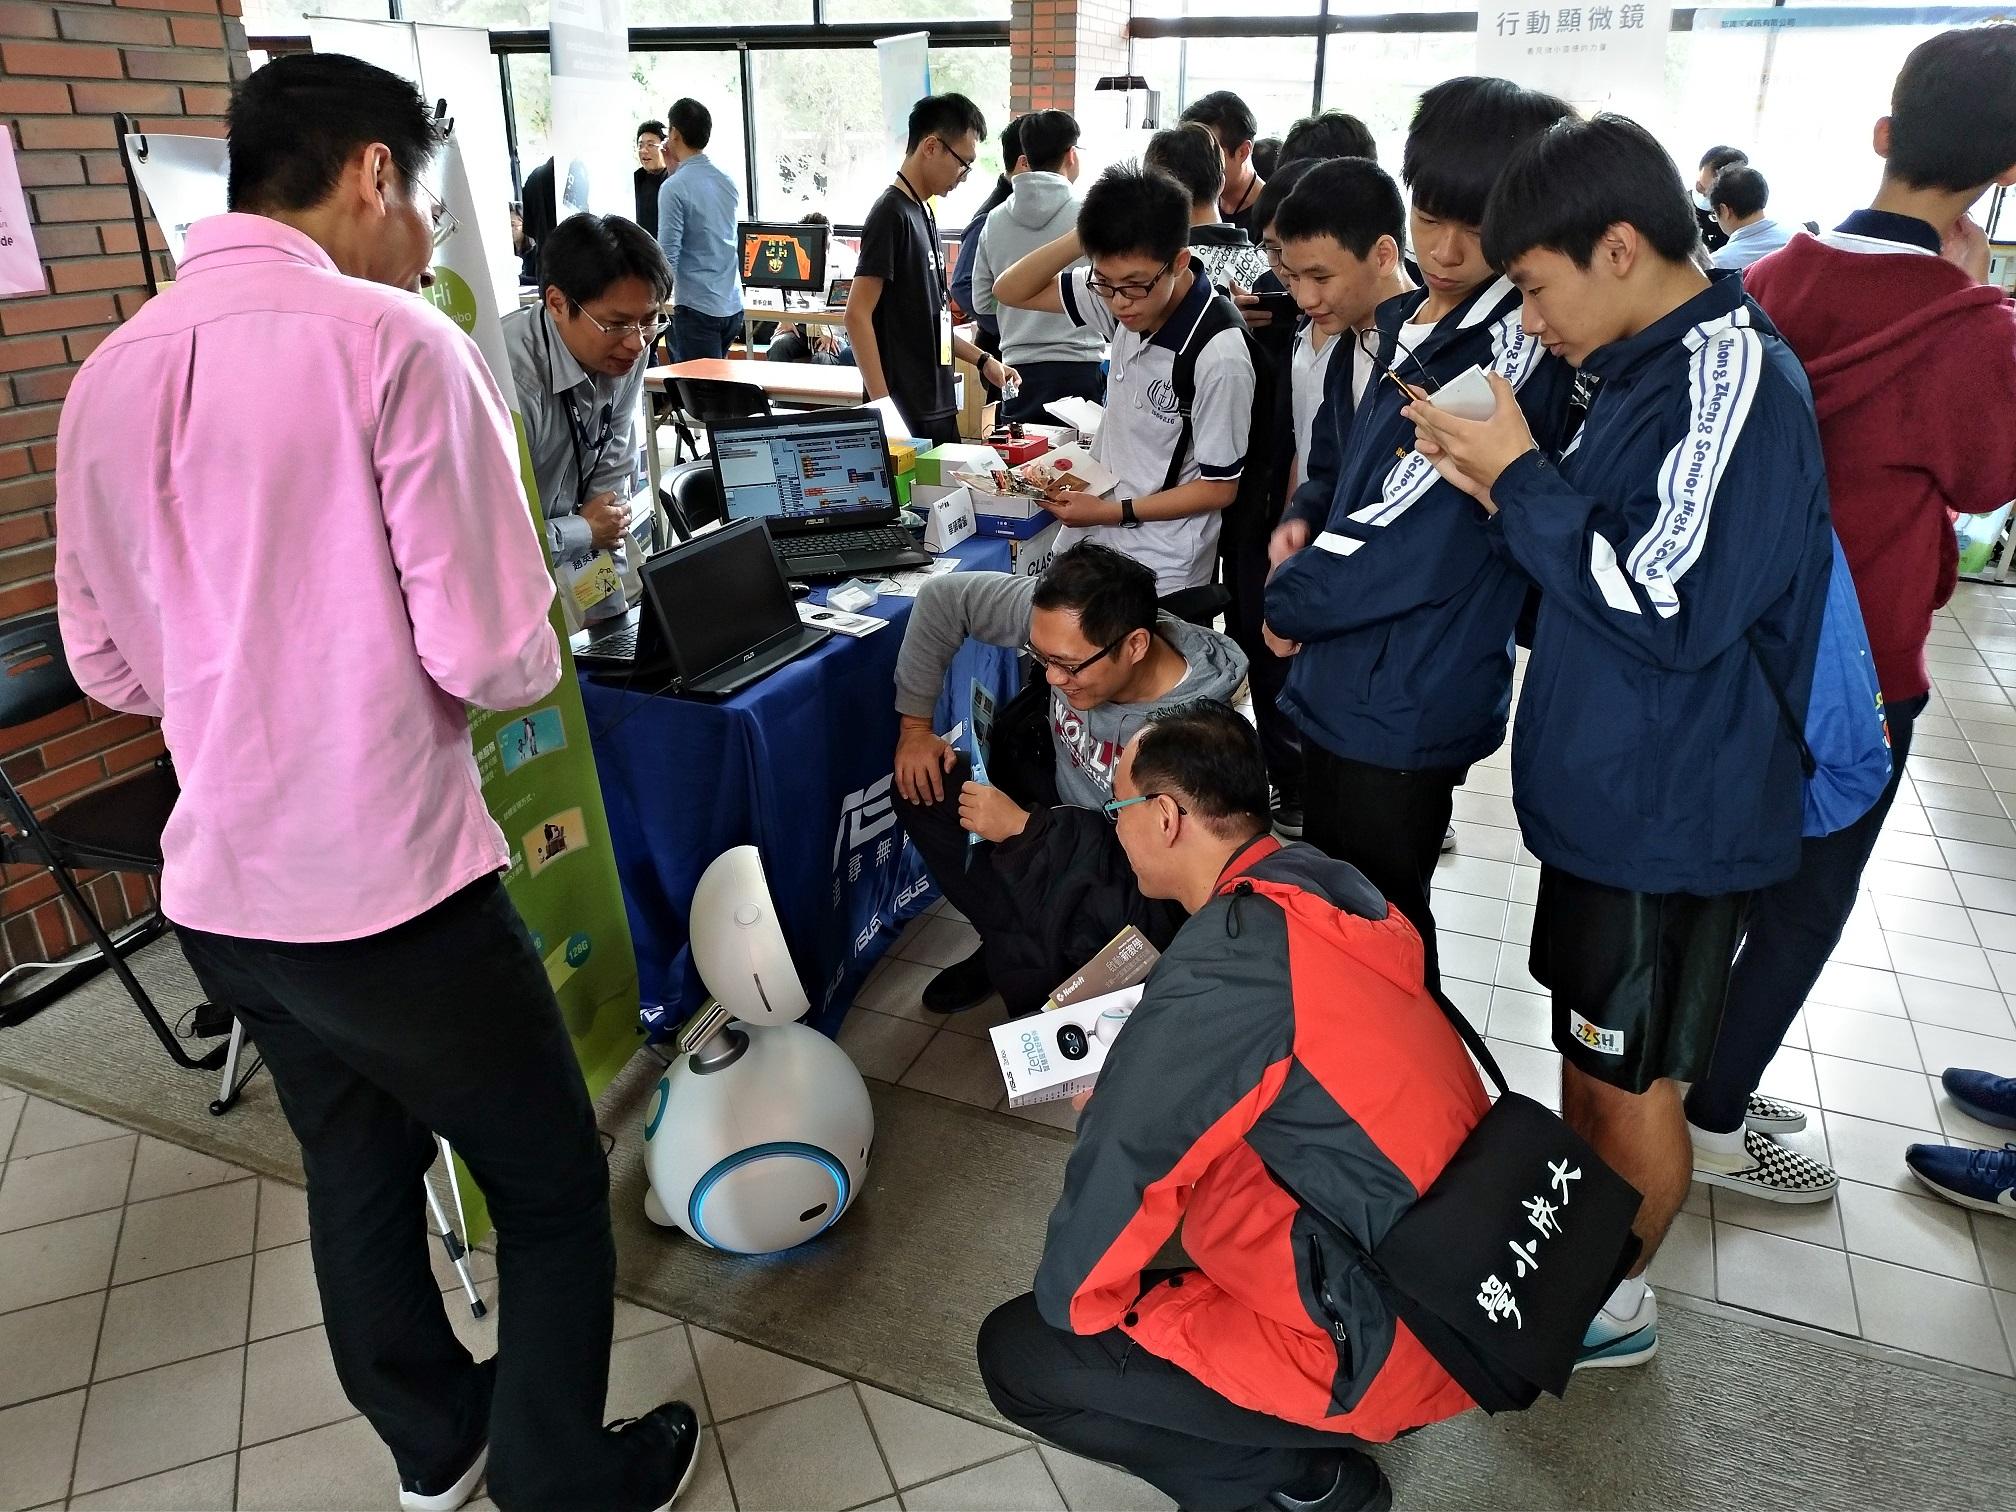 華碩出席教育部106年國中小行動學習優良學校選拔活動暨動態成果展,並於現場師生展示ASUS Zenbo與Scratch的全方位應用